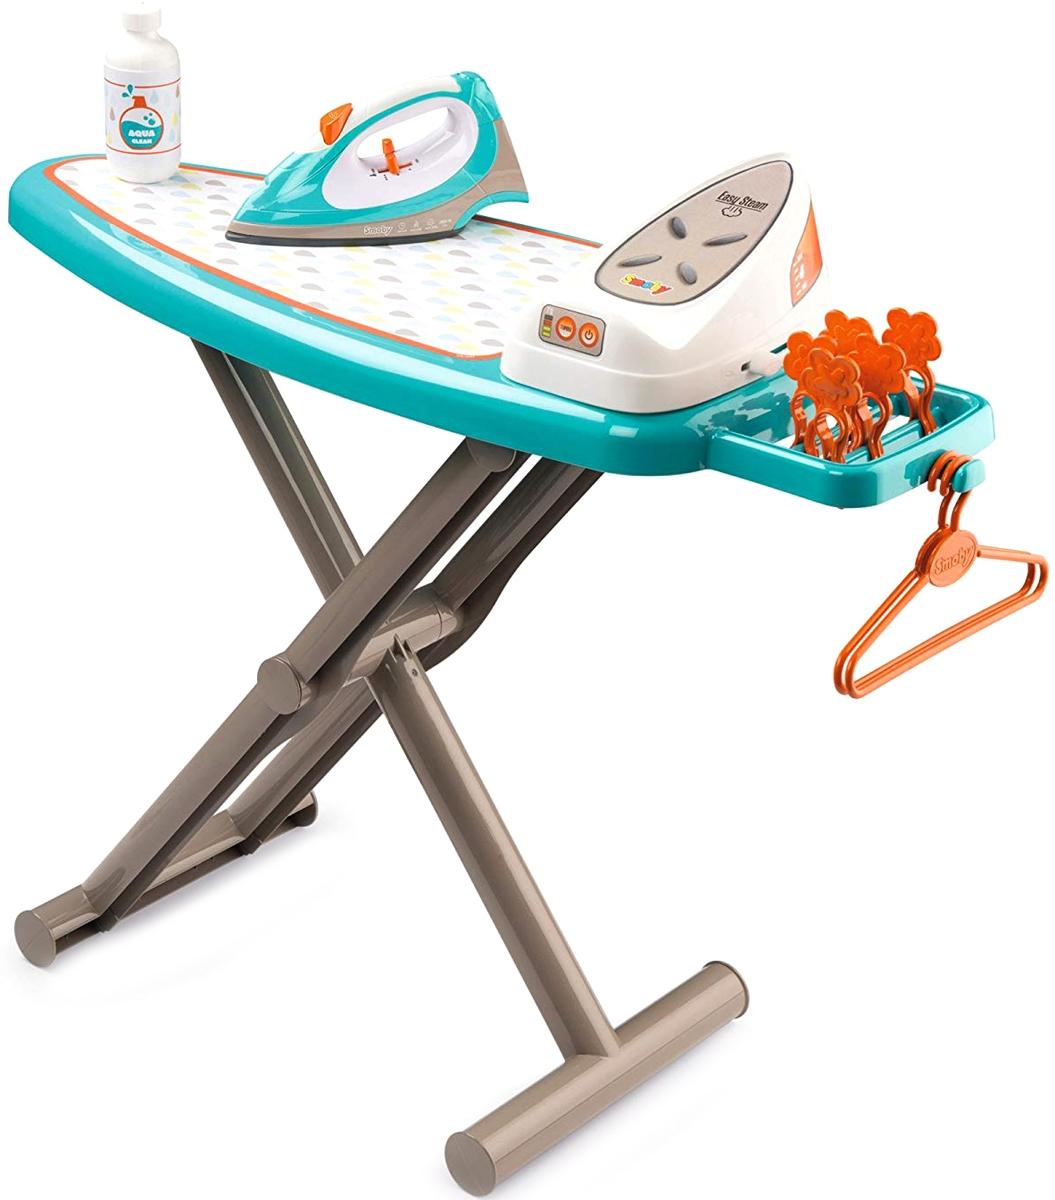 Купить Игровой набор - Гладильная доска и утюг с паровой станцией, звук, Smoby